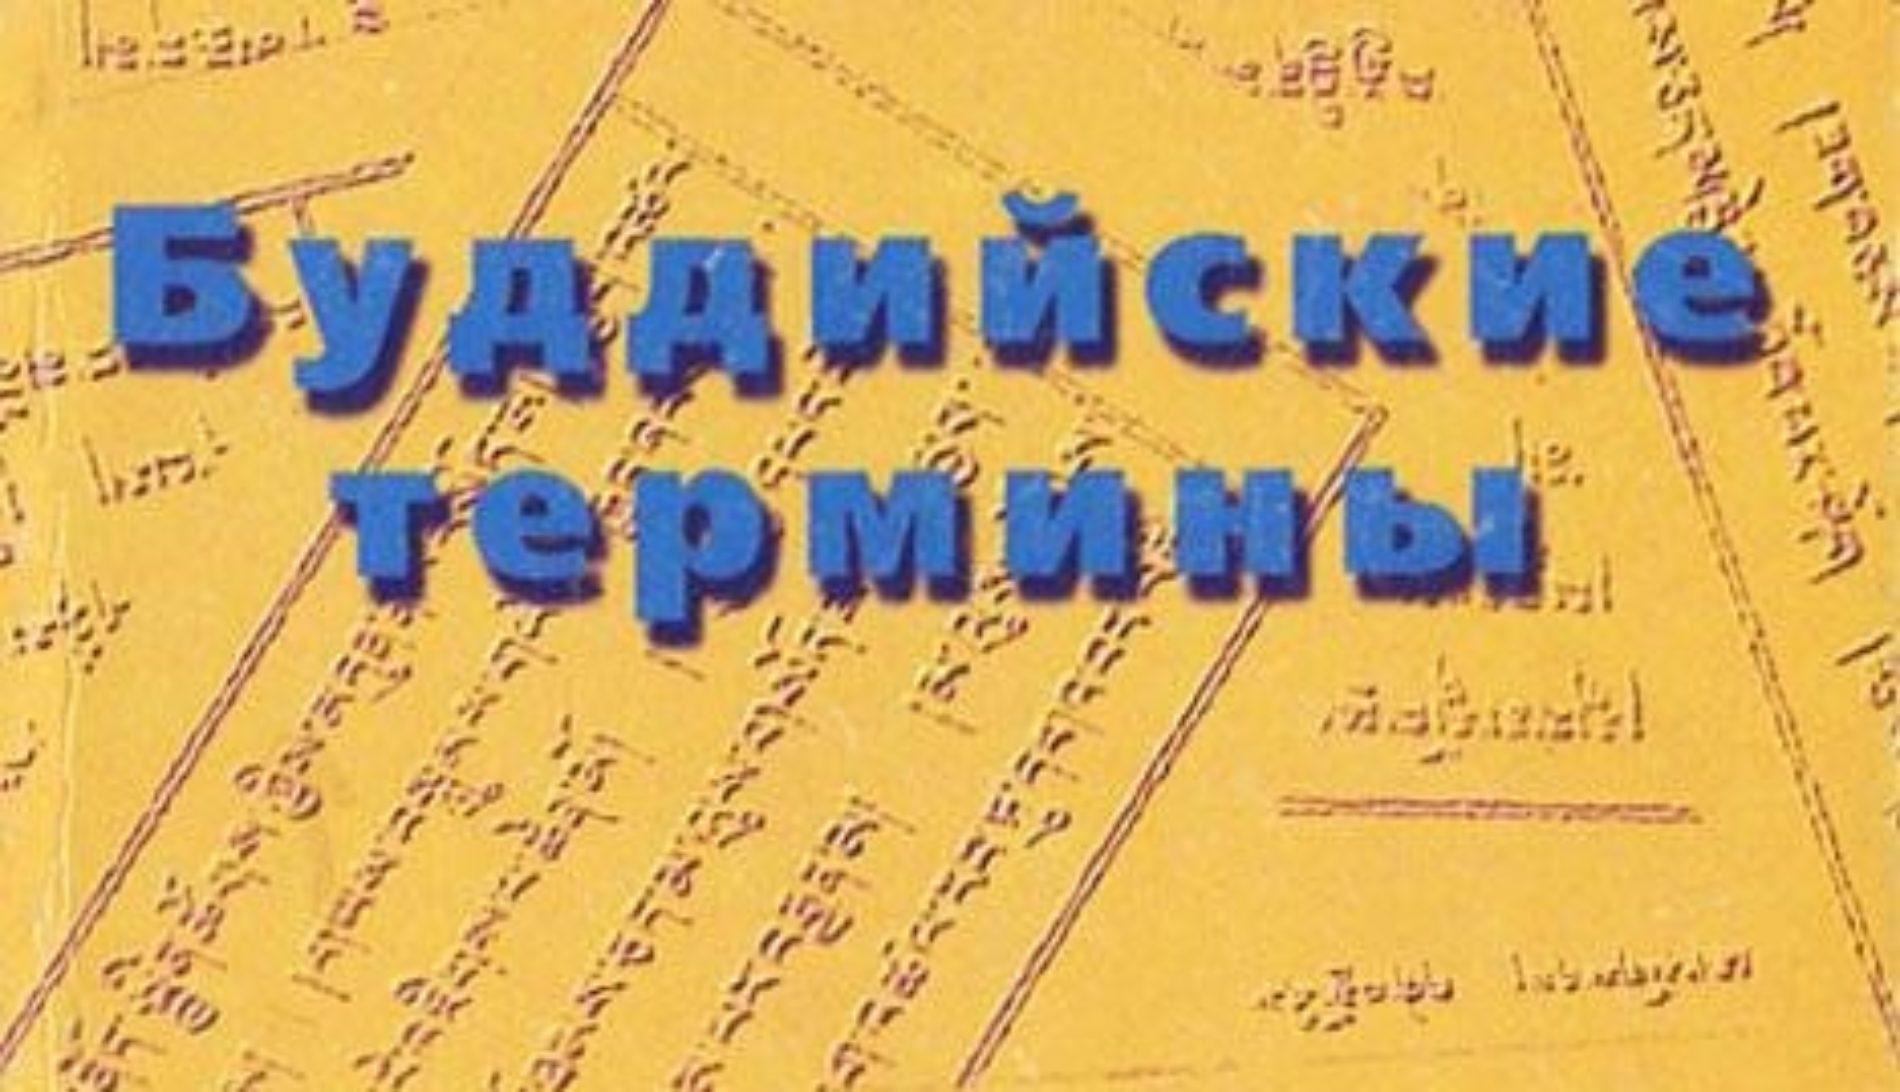 Словарь русских слов буддизма тхеравады